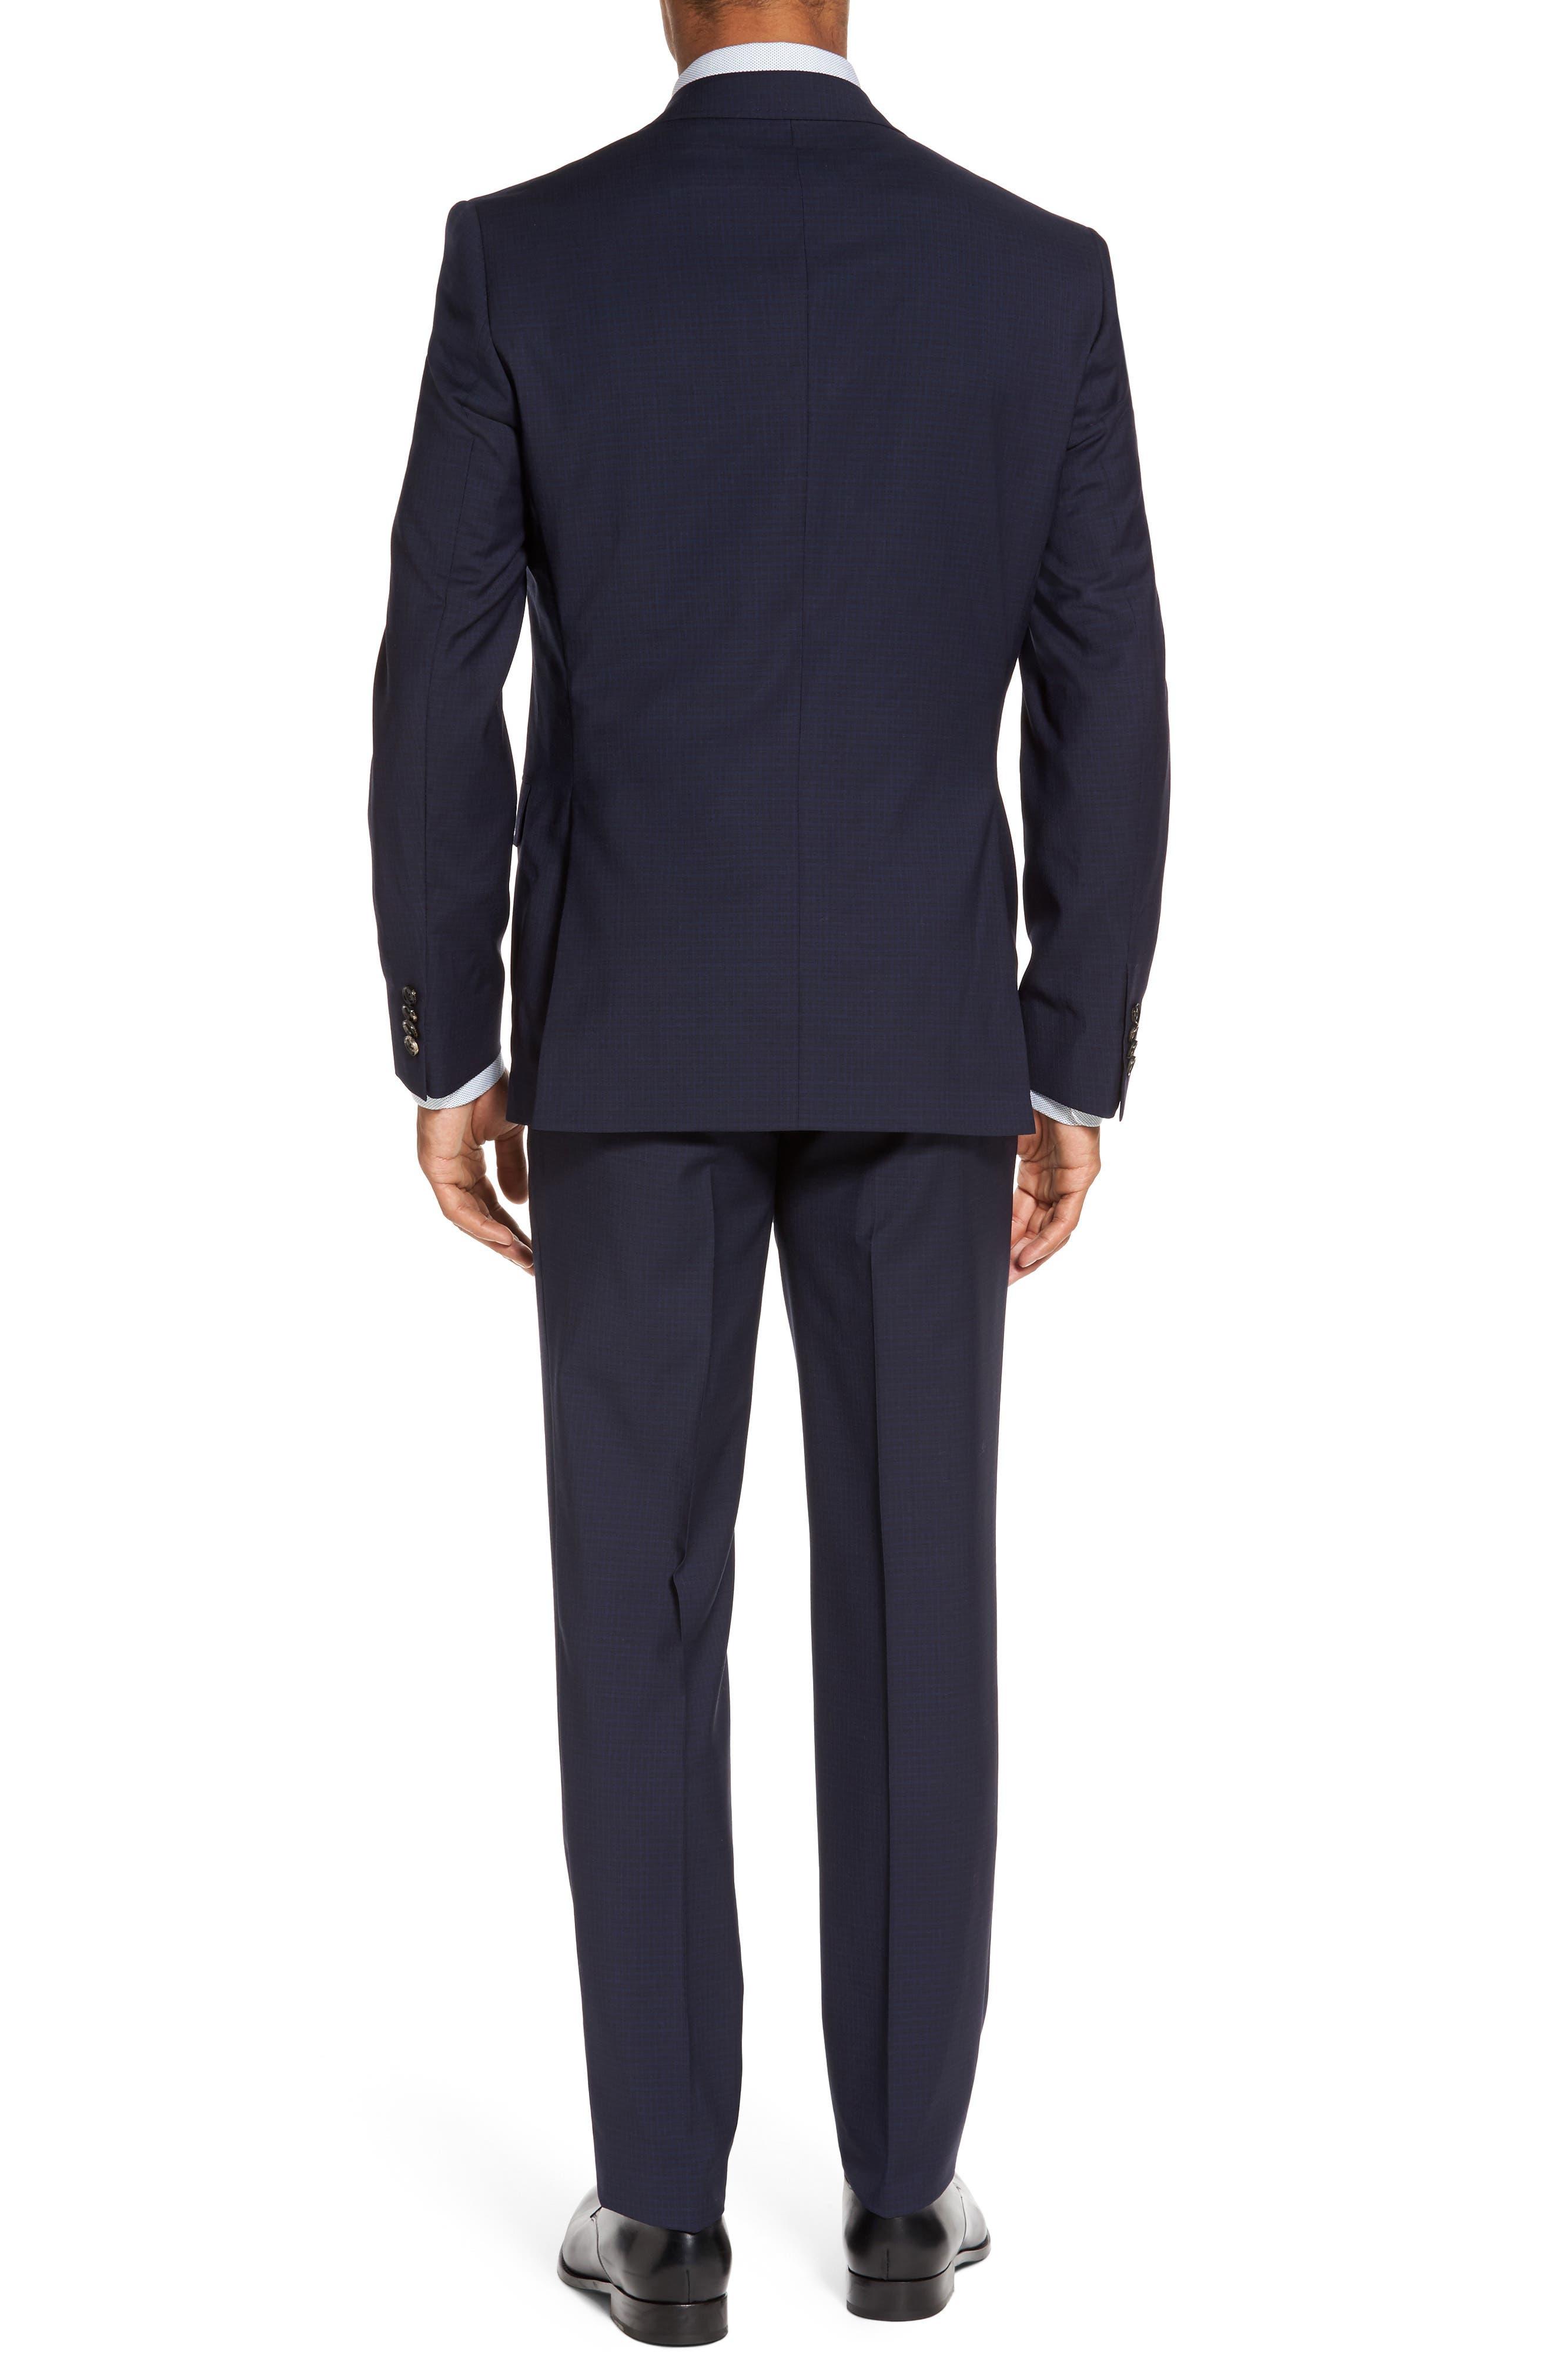 Roger Trim Fit Check Wool Suit,                             Alternate thumbnail 2, color,                             410